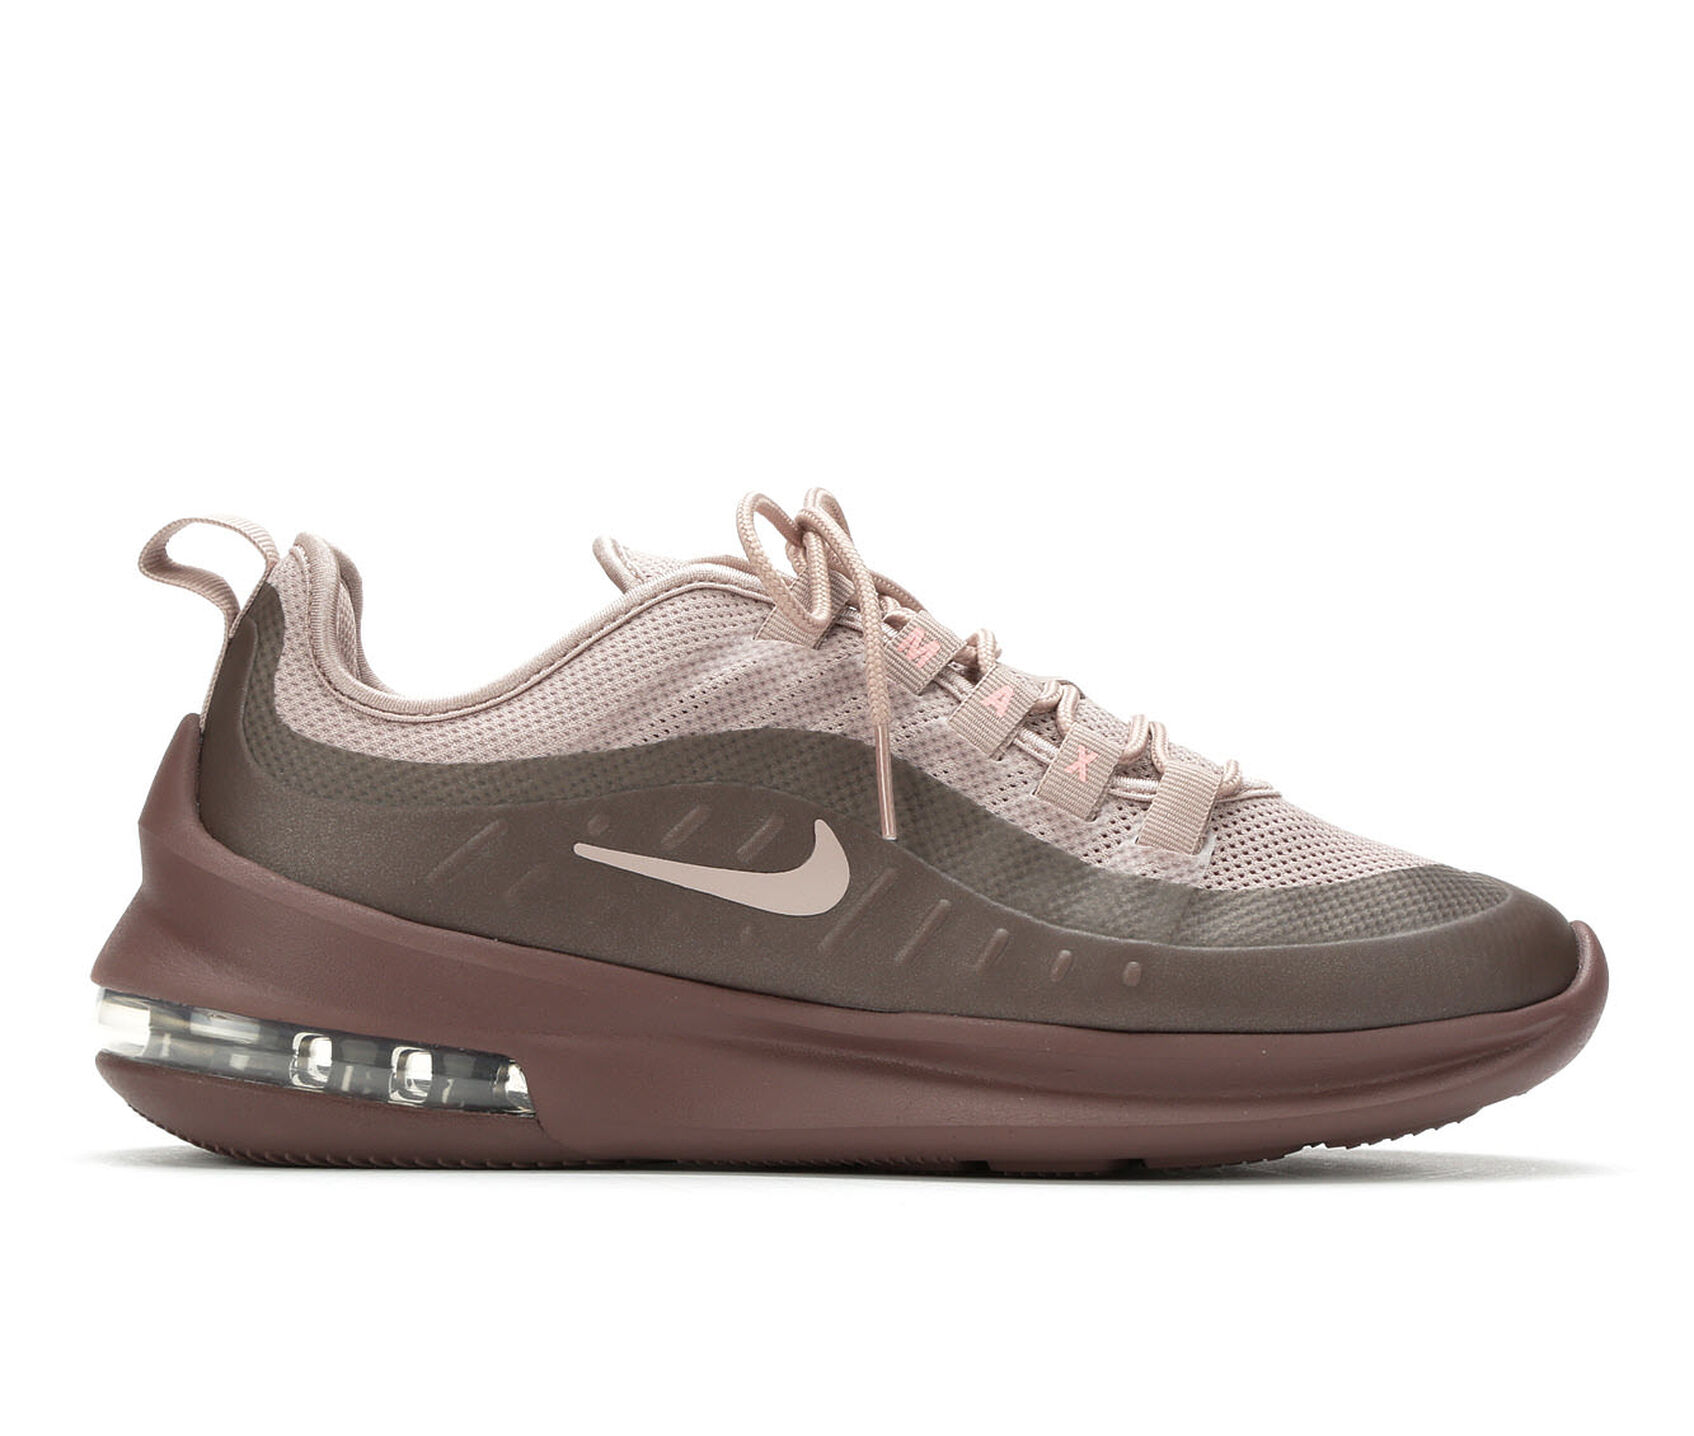 0f677f10e60a9 ... Nike Air Max Axis Running Shoes. Previous